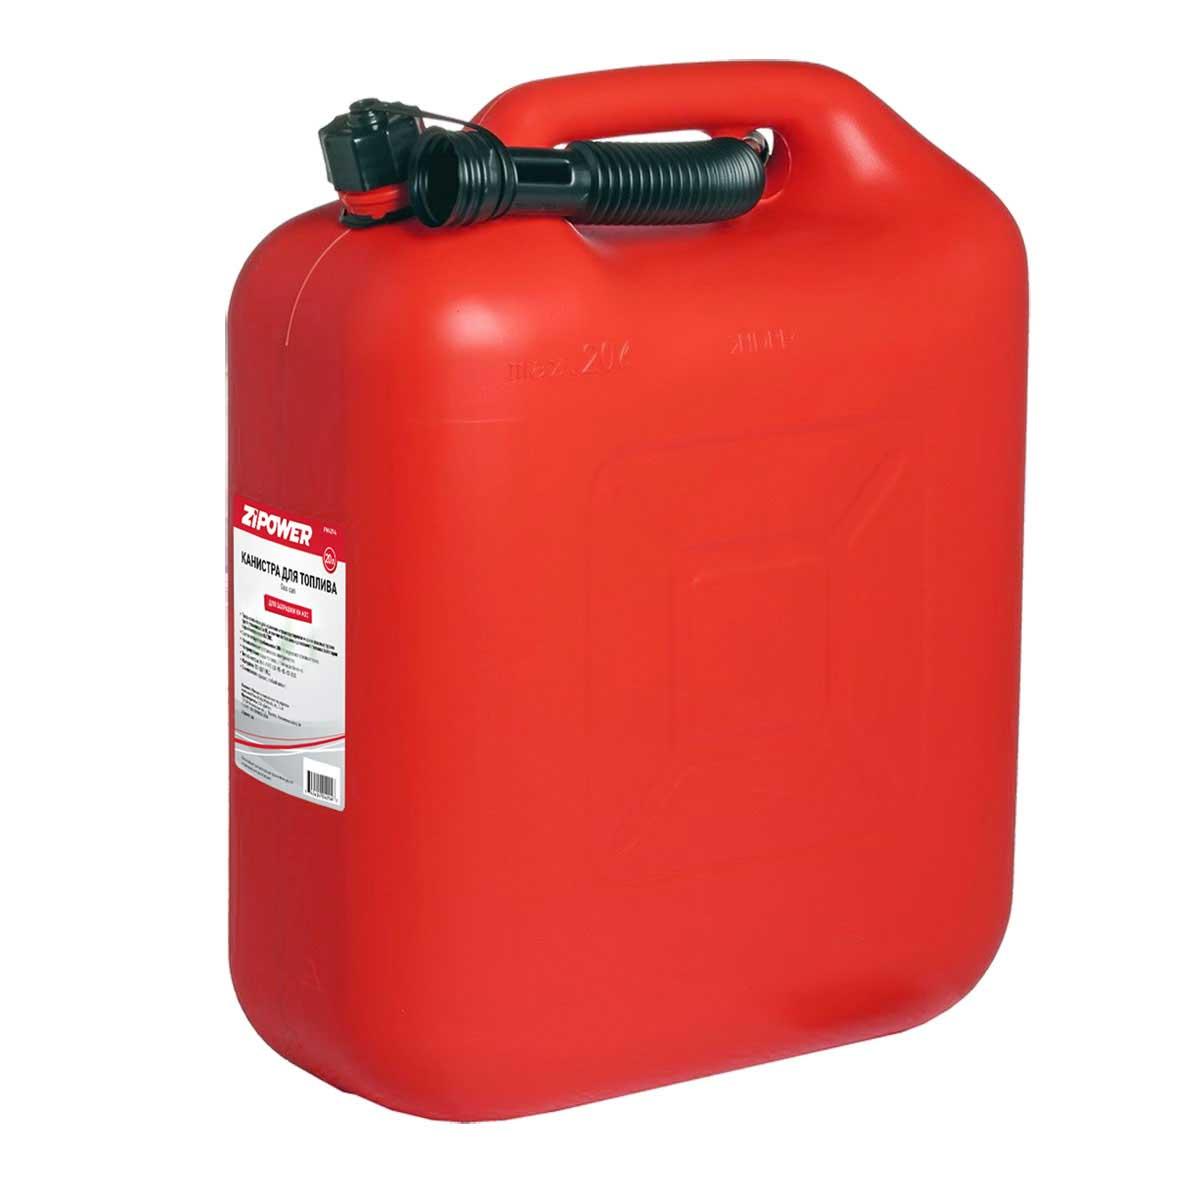 Канистра для топлива 20л. Цвет - красный. Zipower